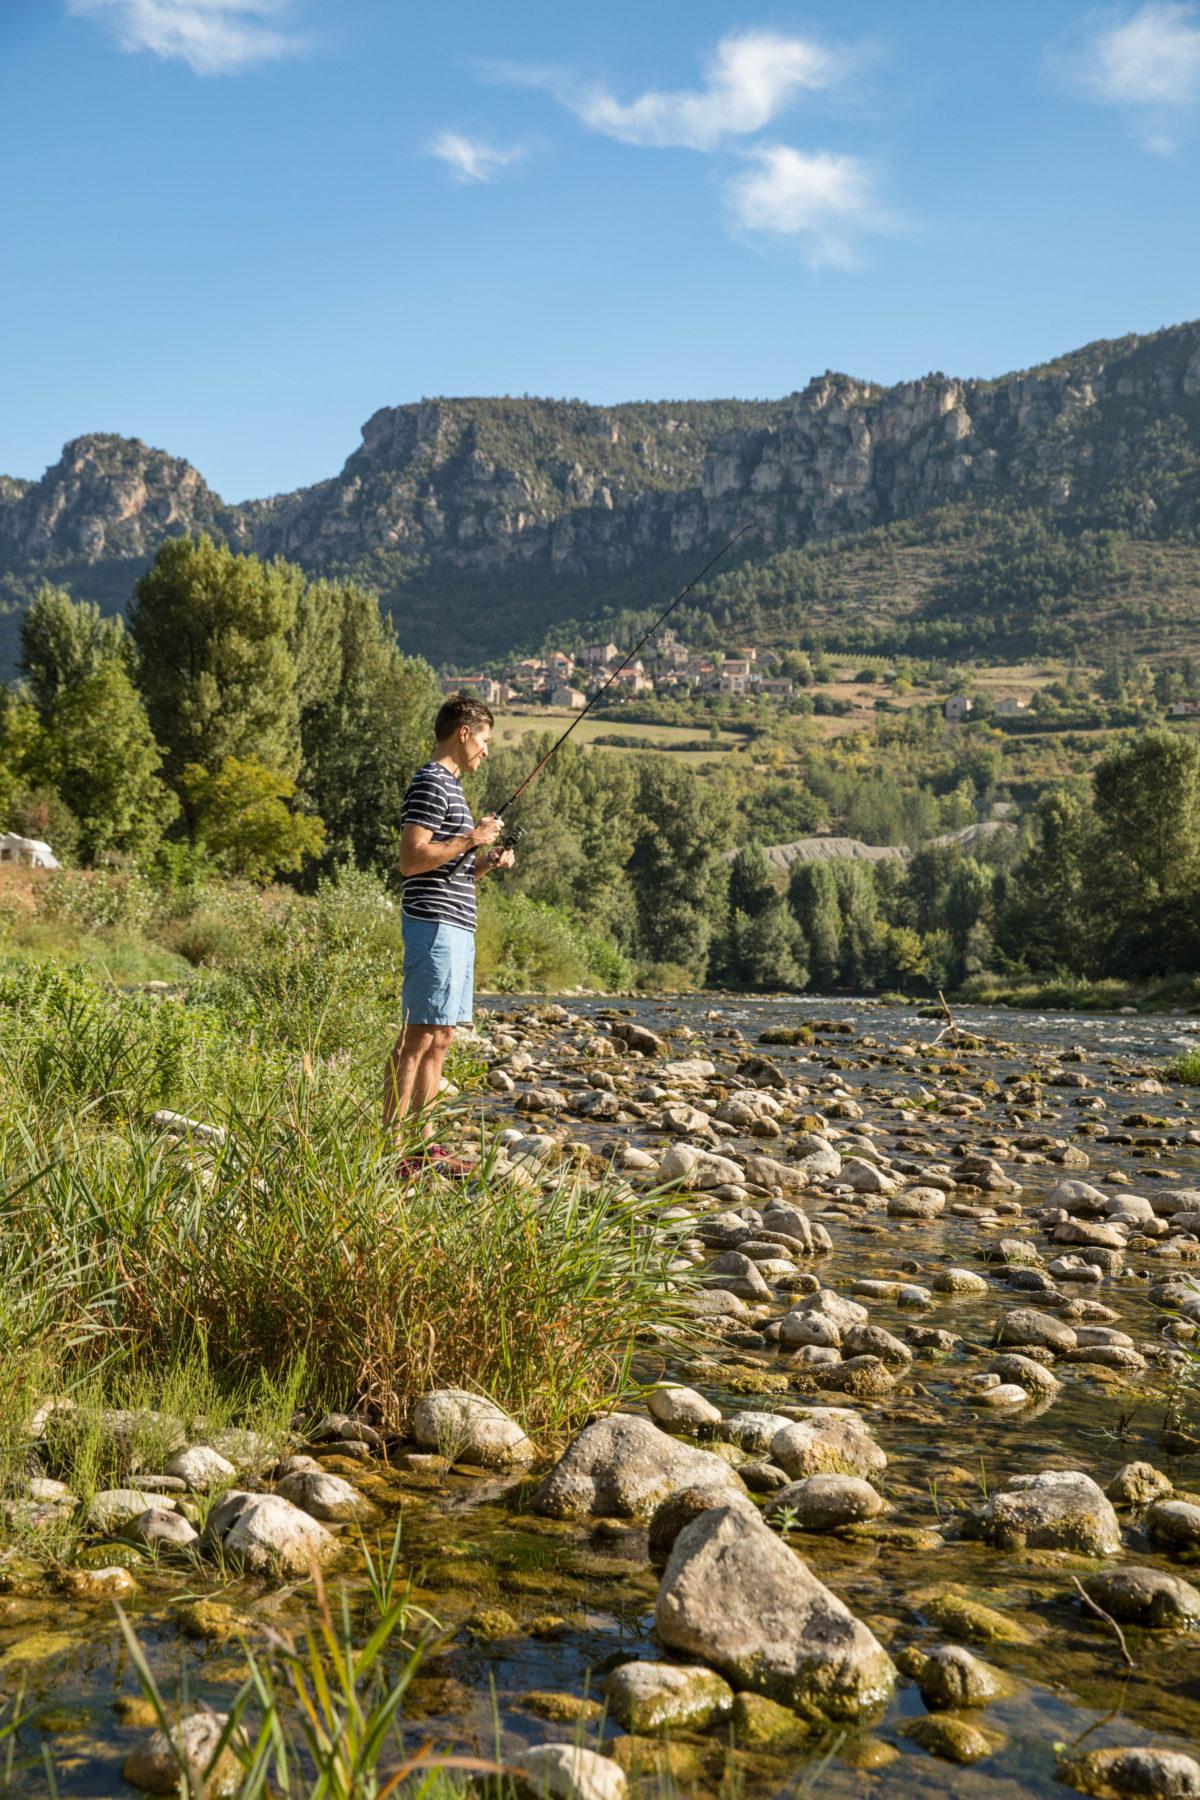 Découvrez les somptueuses Gorges du Tarn et toutes leurs activités incontournables.